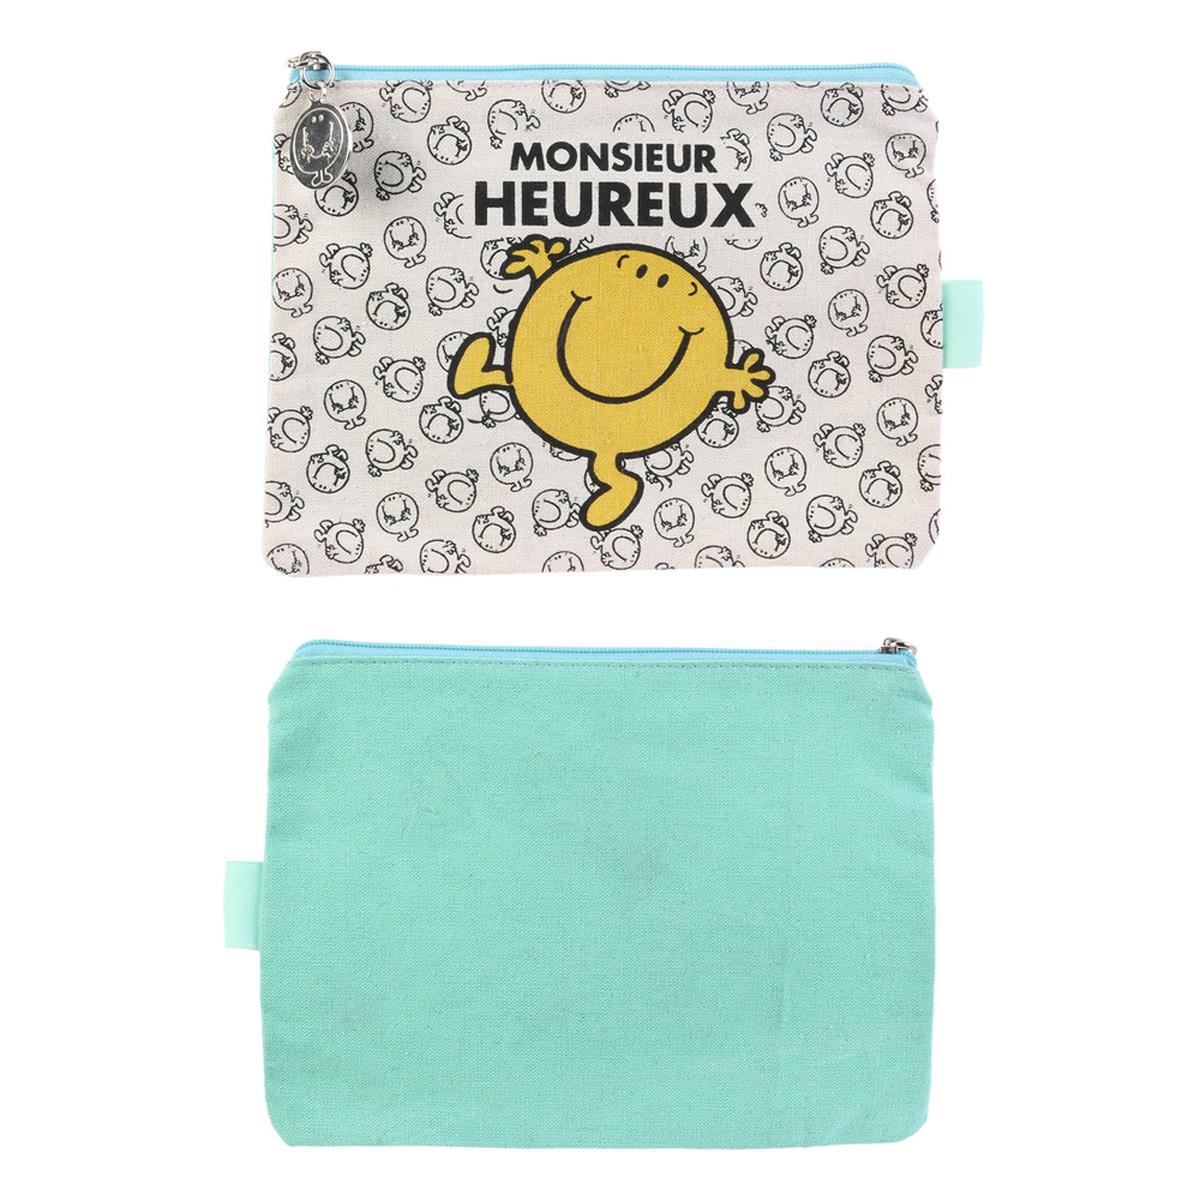 Trousse plate coton \'Monsieur Madame\' vert (M Heureux) - 19x14 cm - [R0017]